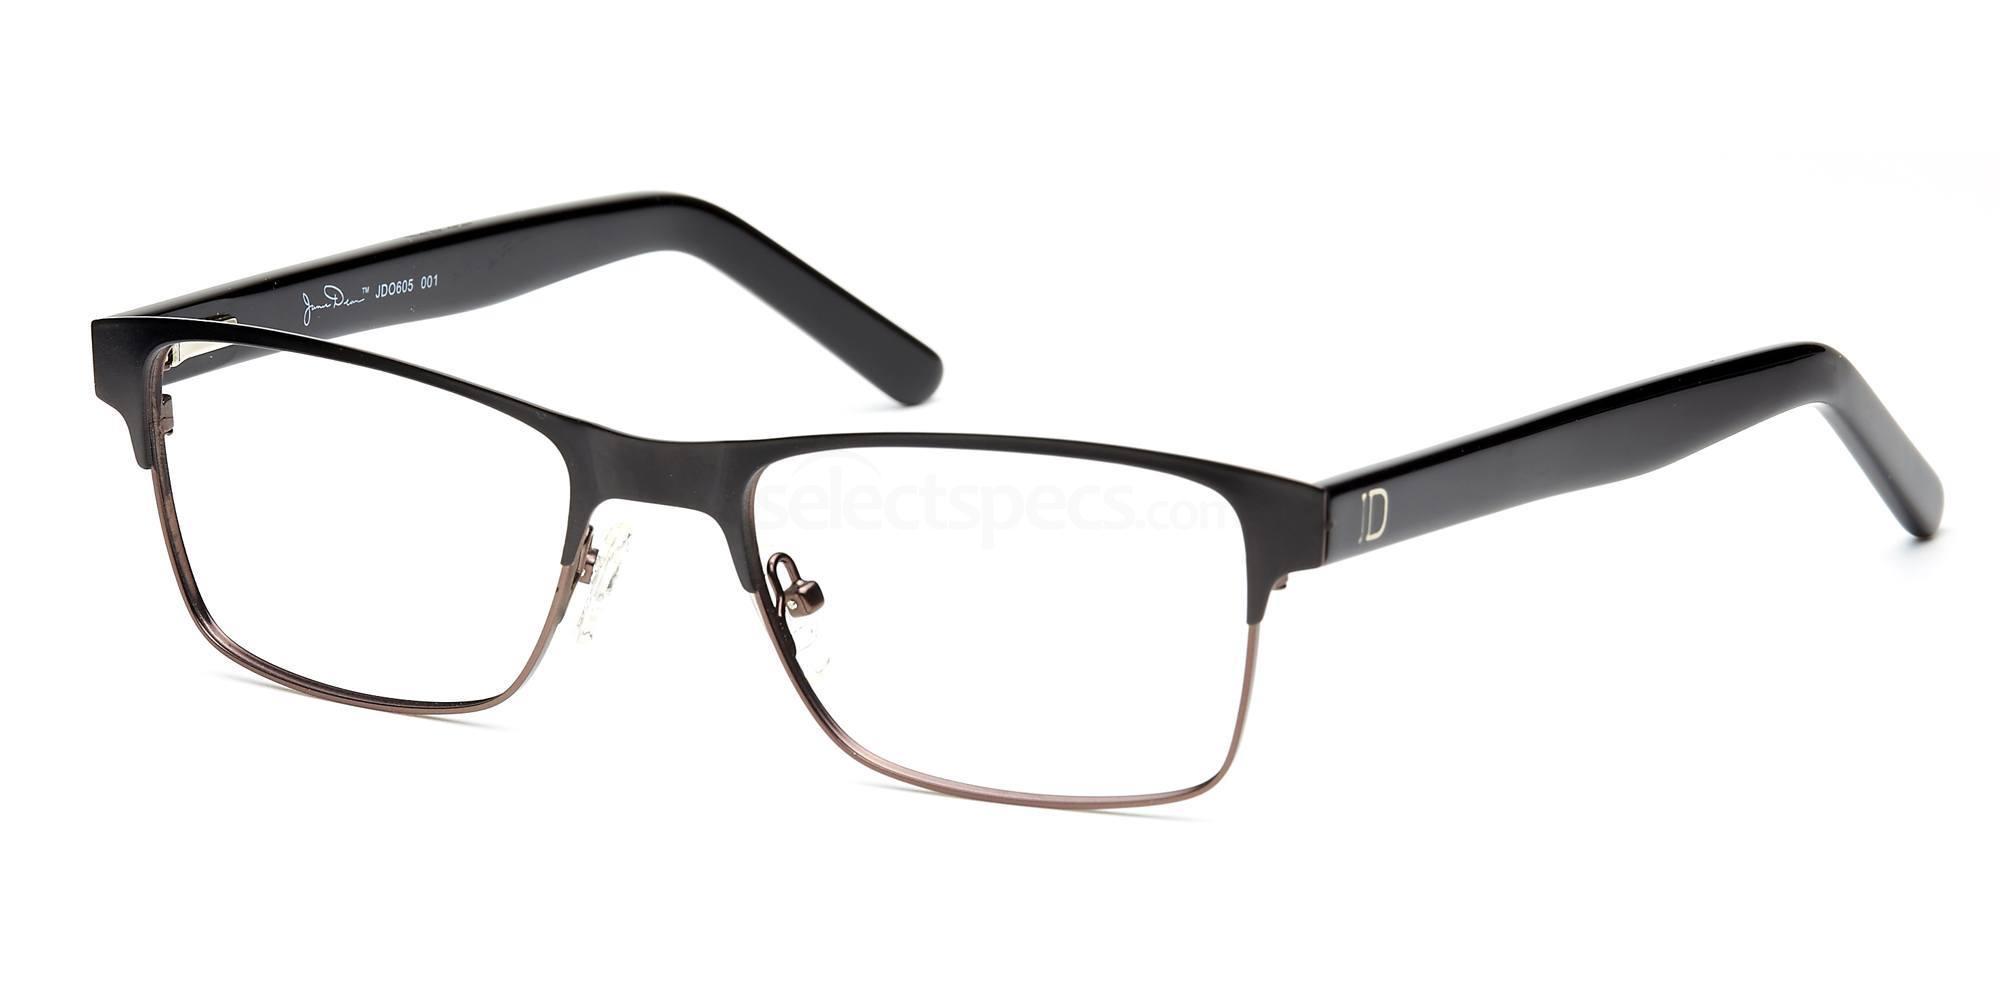 C1 JDO605 Glasses, James Dean